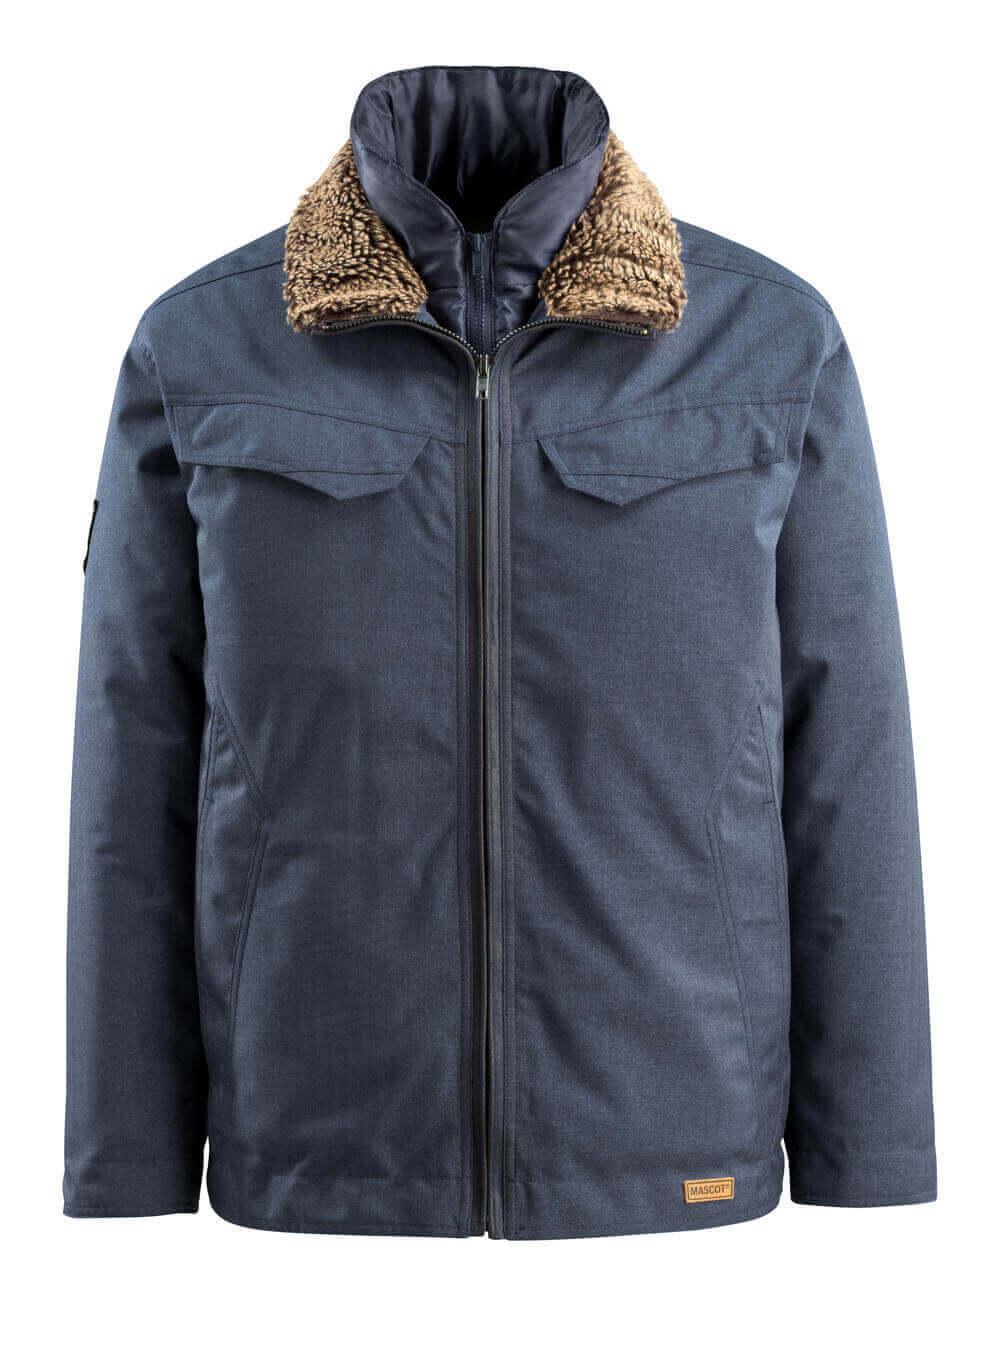 15435-275-46 Winter Jacket - indigo denim blue